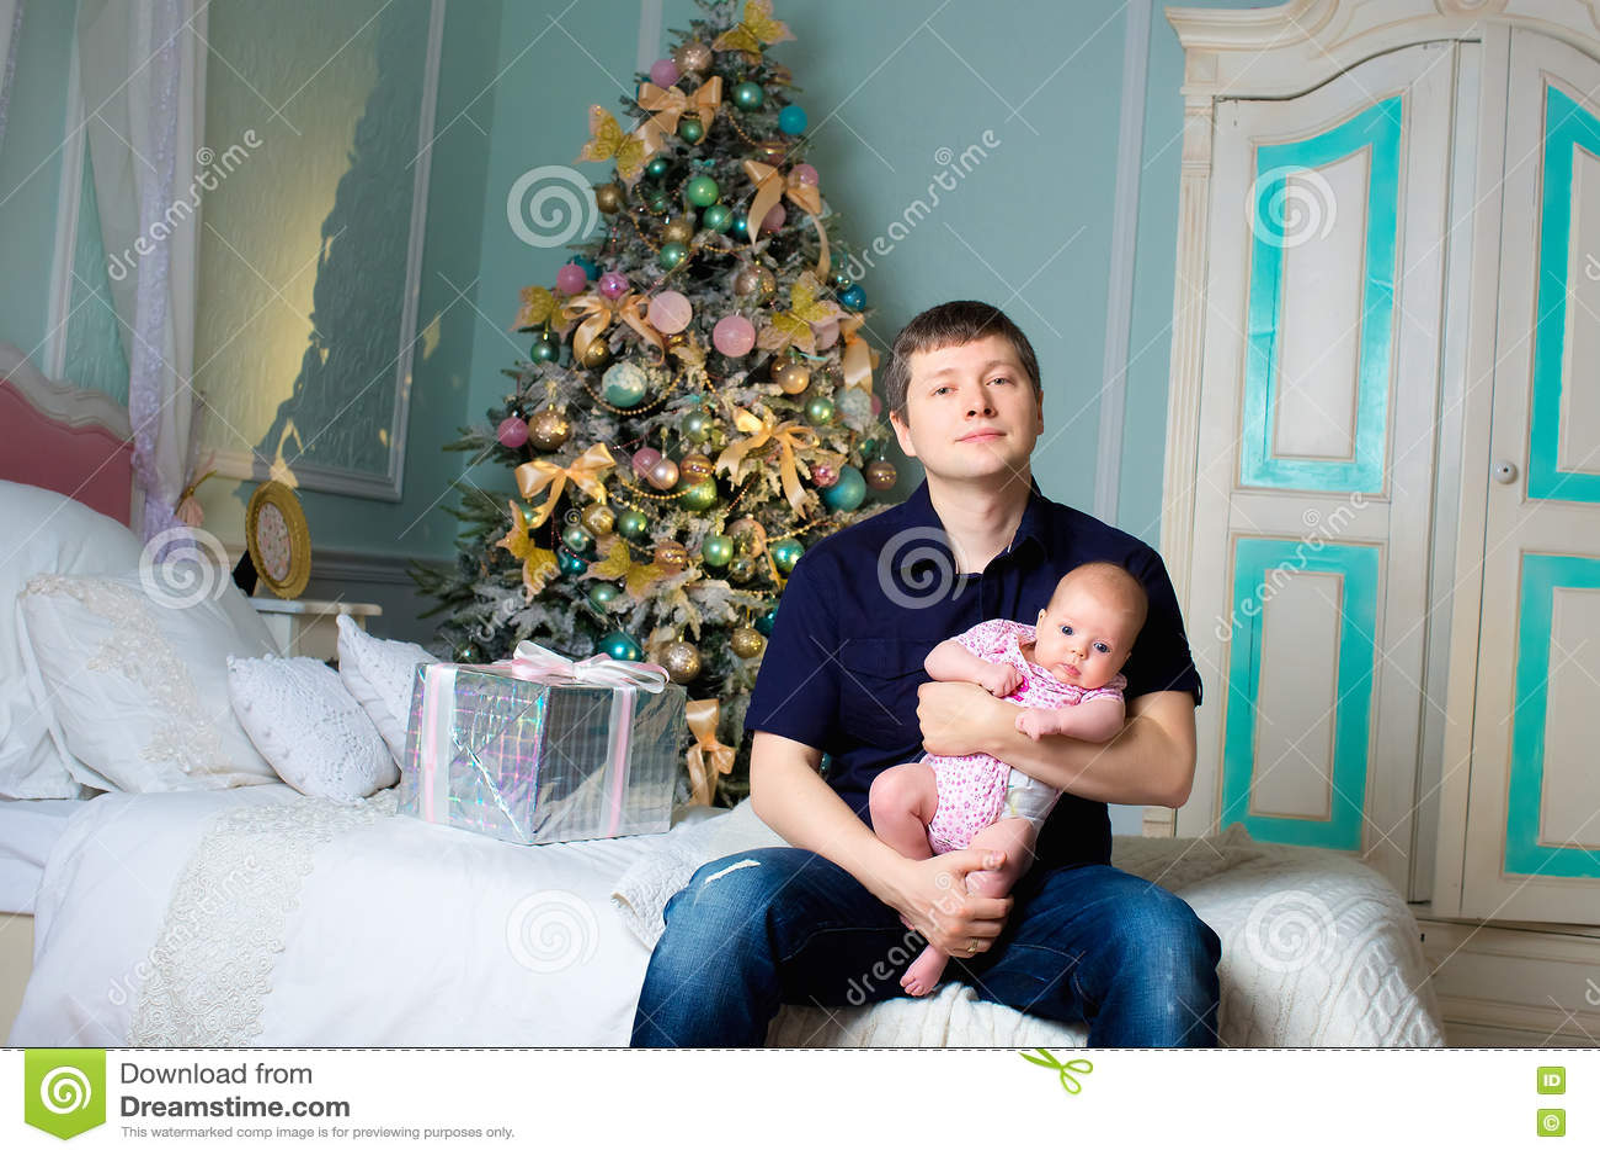 Ένα άτομο με μια μικρή κόρη σε ετοιμότητα δωμάτιο στοιχείων σχεδίου Χριστουγέννων